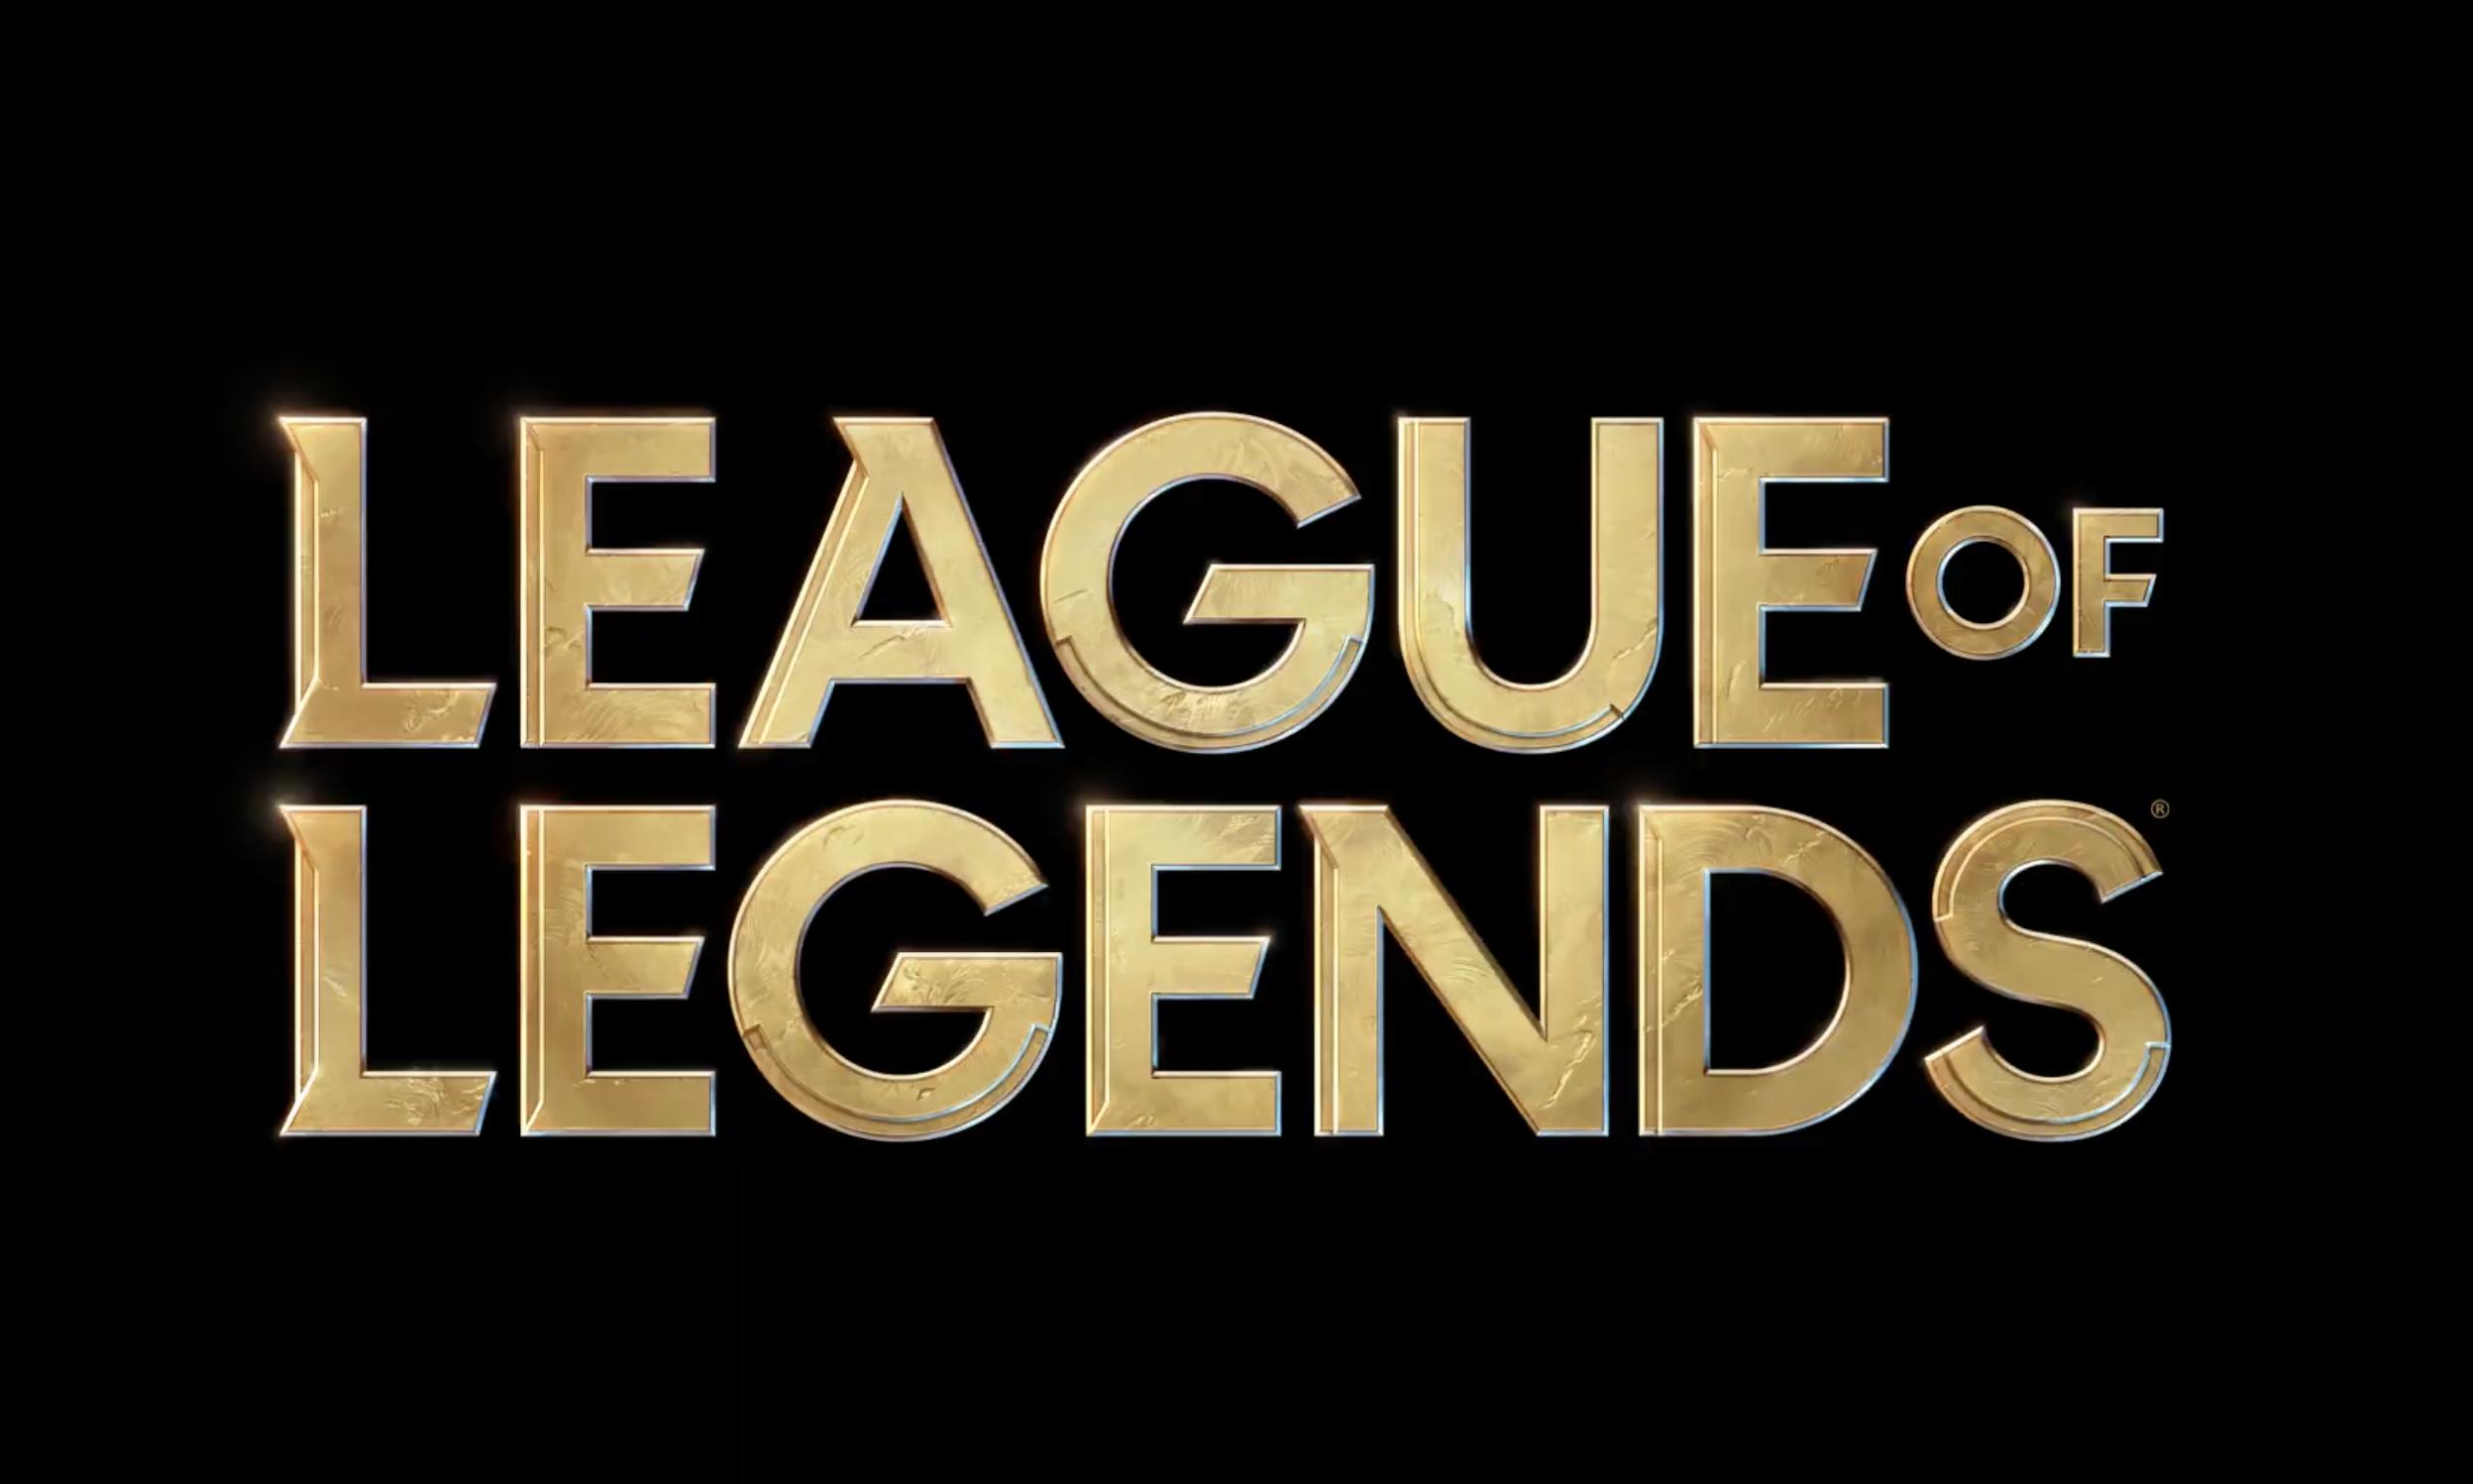 《英雄联盟》动画将在今年秋季登陆 Netflix 平台